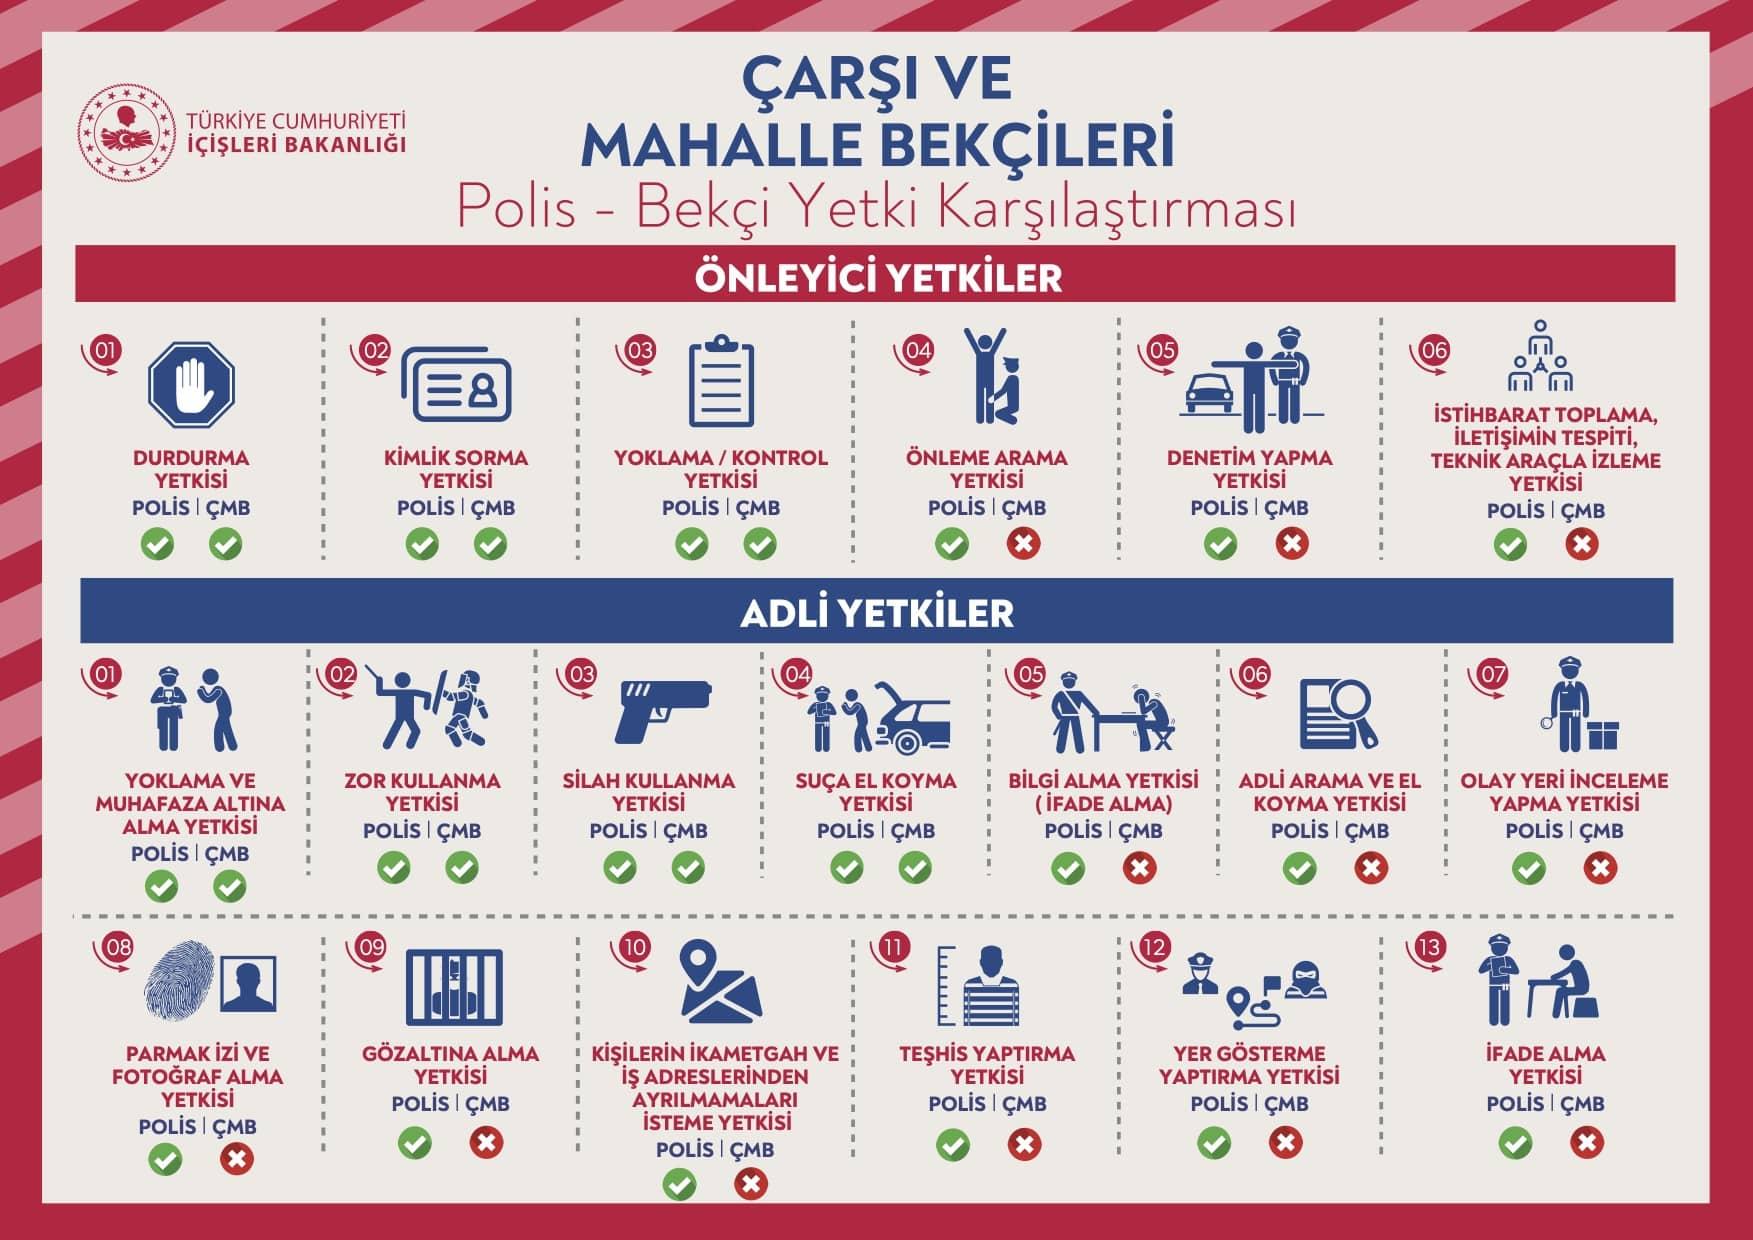 bekçi silah kullanma polis yetki karşılaştırma kıyaslama